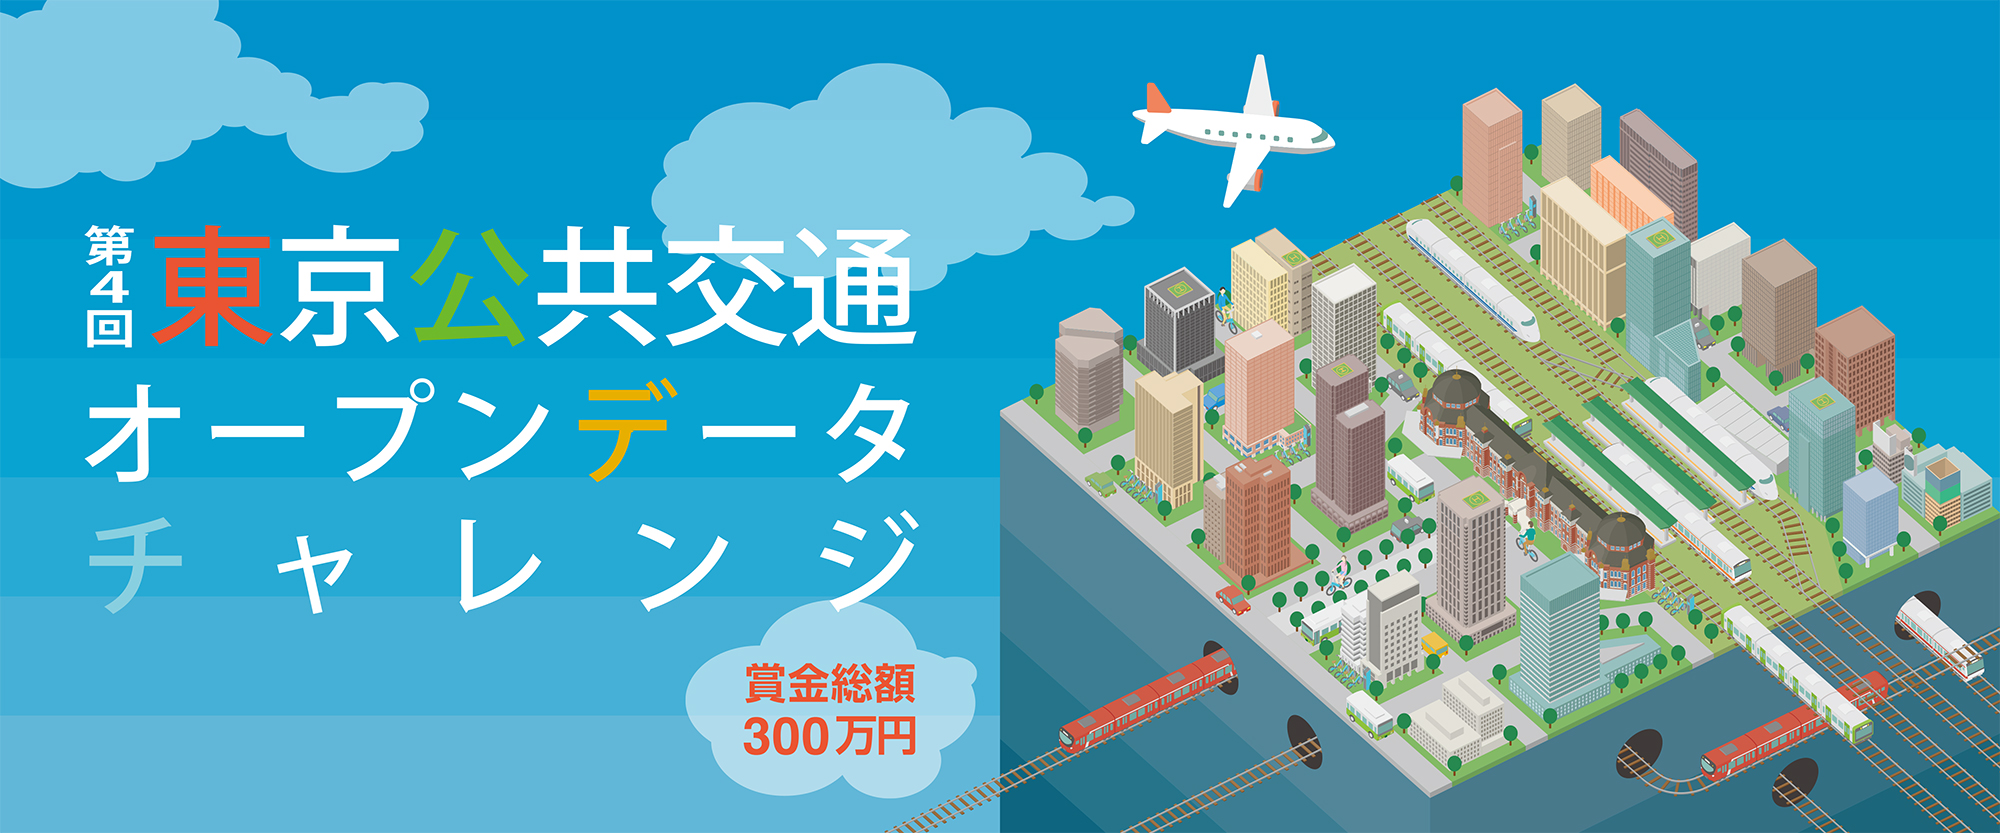 「第4回東京公共交通オープンデータチャレンジ」延長決定